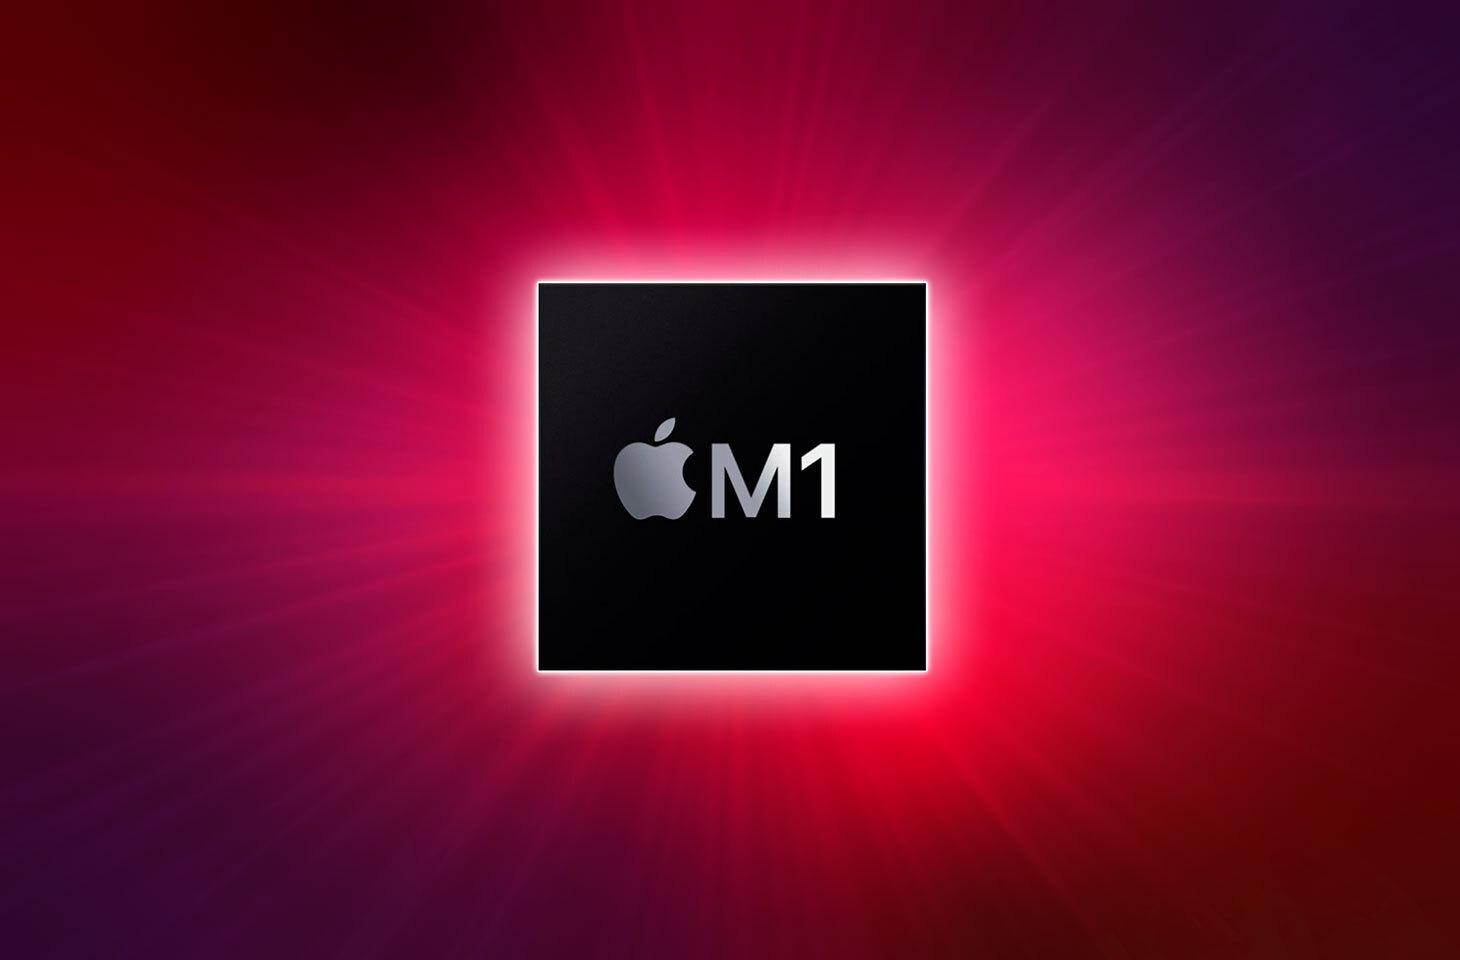 Вредоносные программы, адаптированные под Apple M1 | Блог Касперского